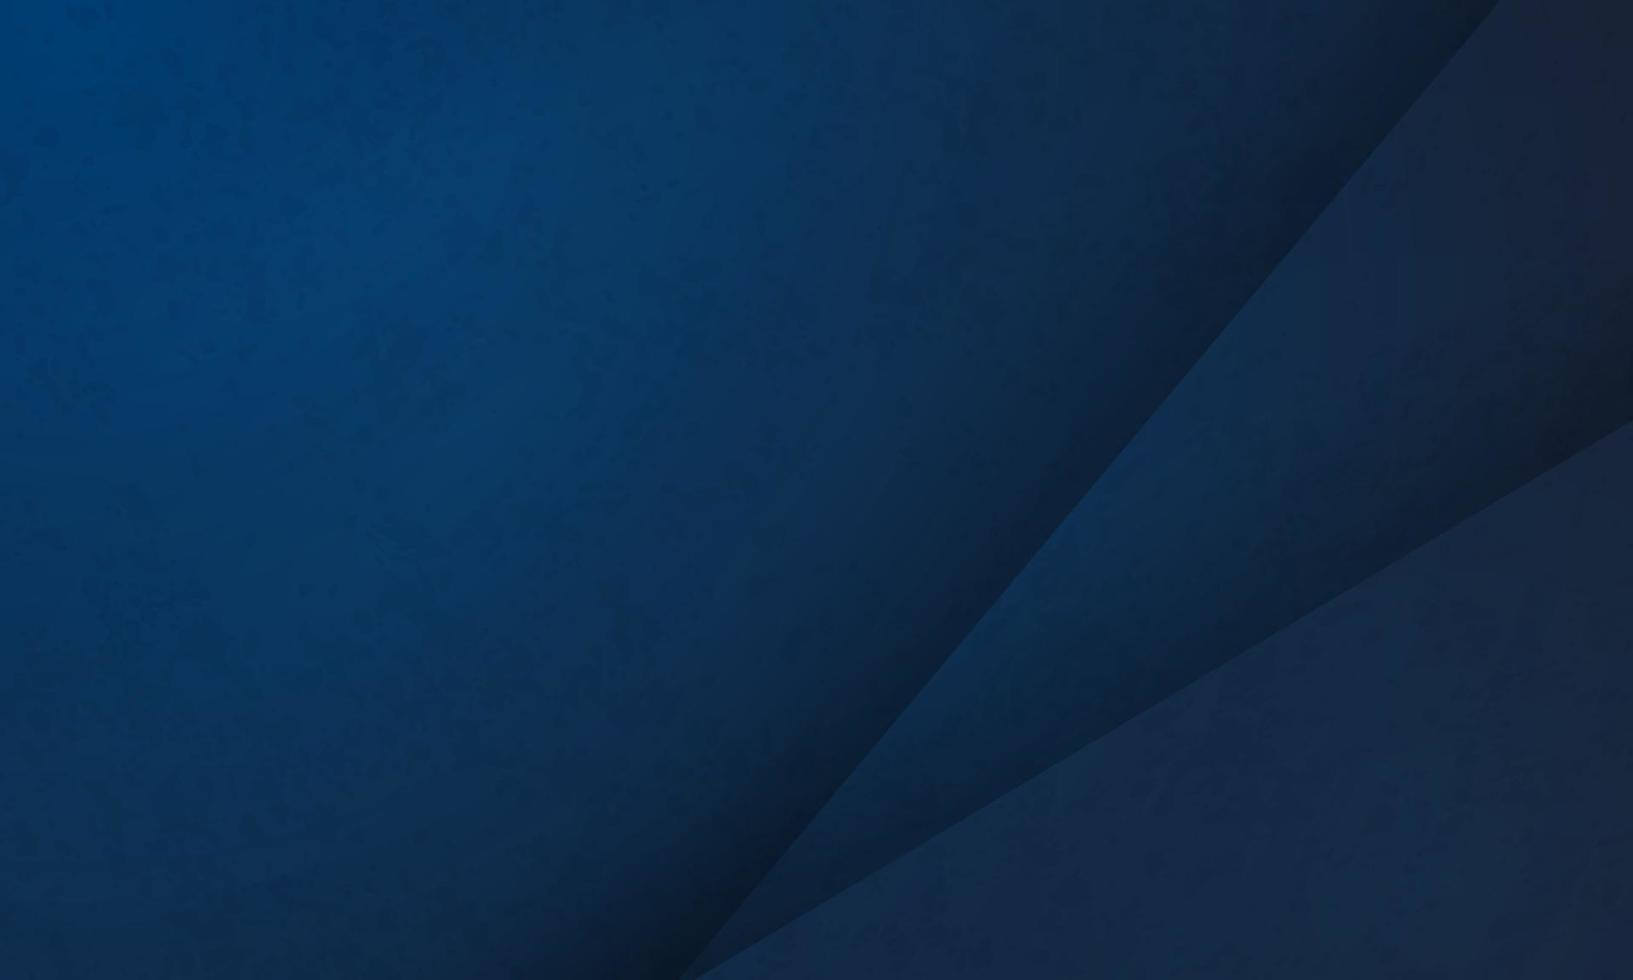 abstraktes blaues Hintergrundplakat mit dynamischer. Technologie Netzwerk Vektor-Illustration. vektor